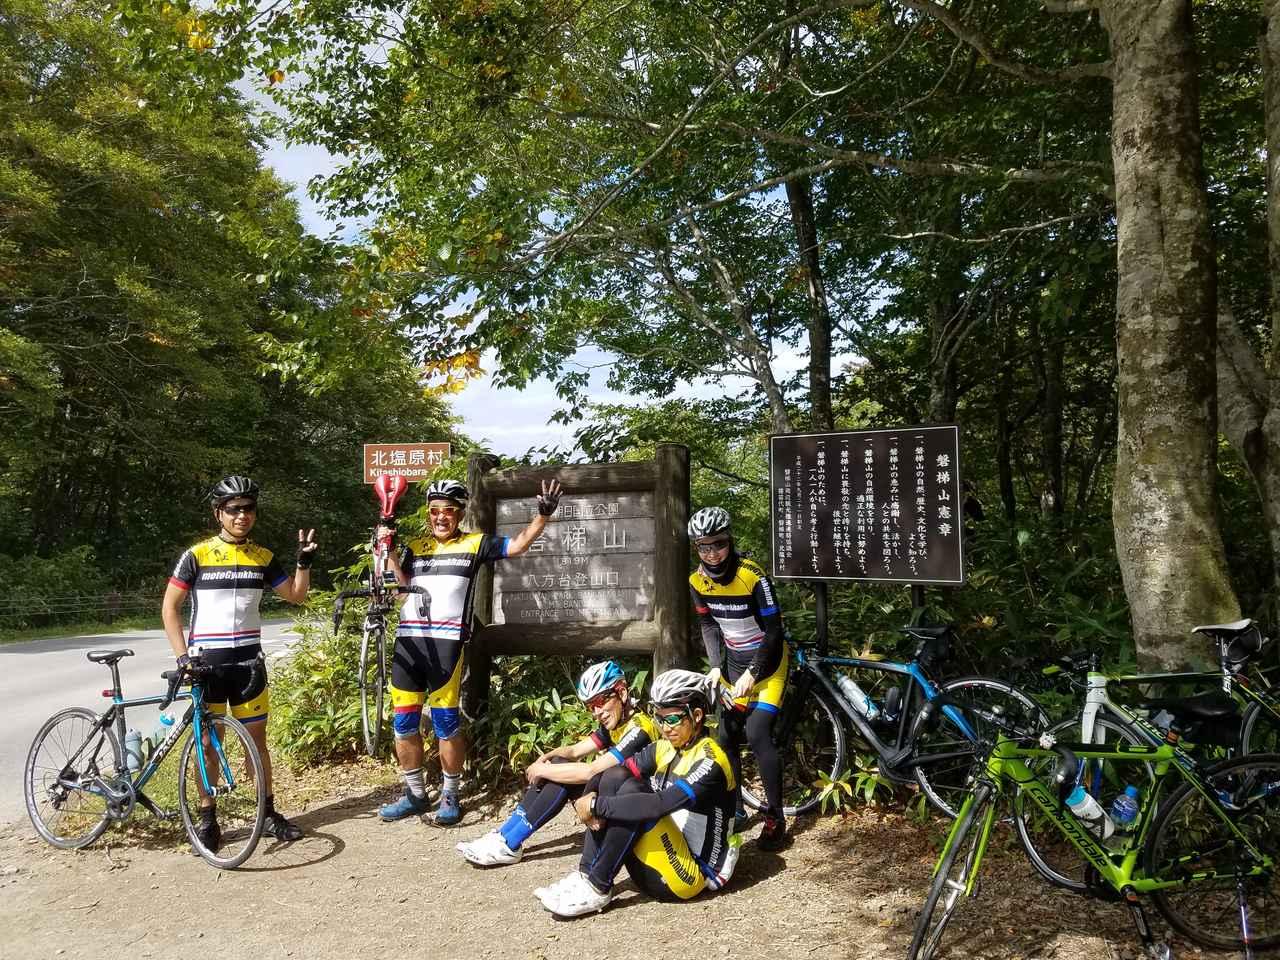 画像: バイクはバイクでも、ロードバイク。(^^) ジムカーナ選手もランニングなど体力作りしている人は結構います。